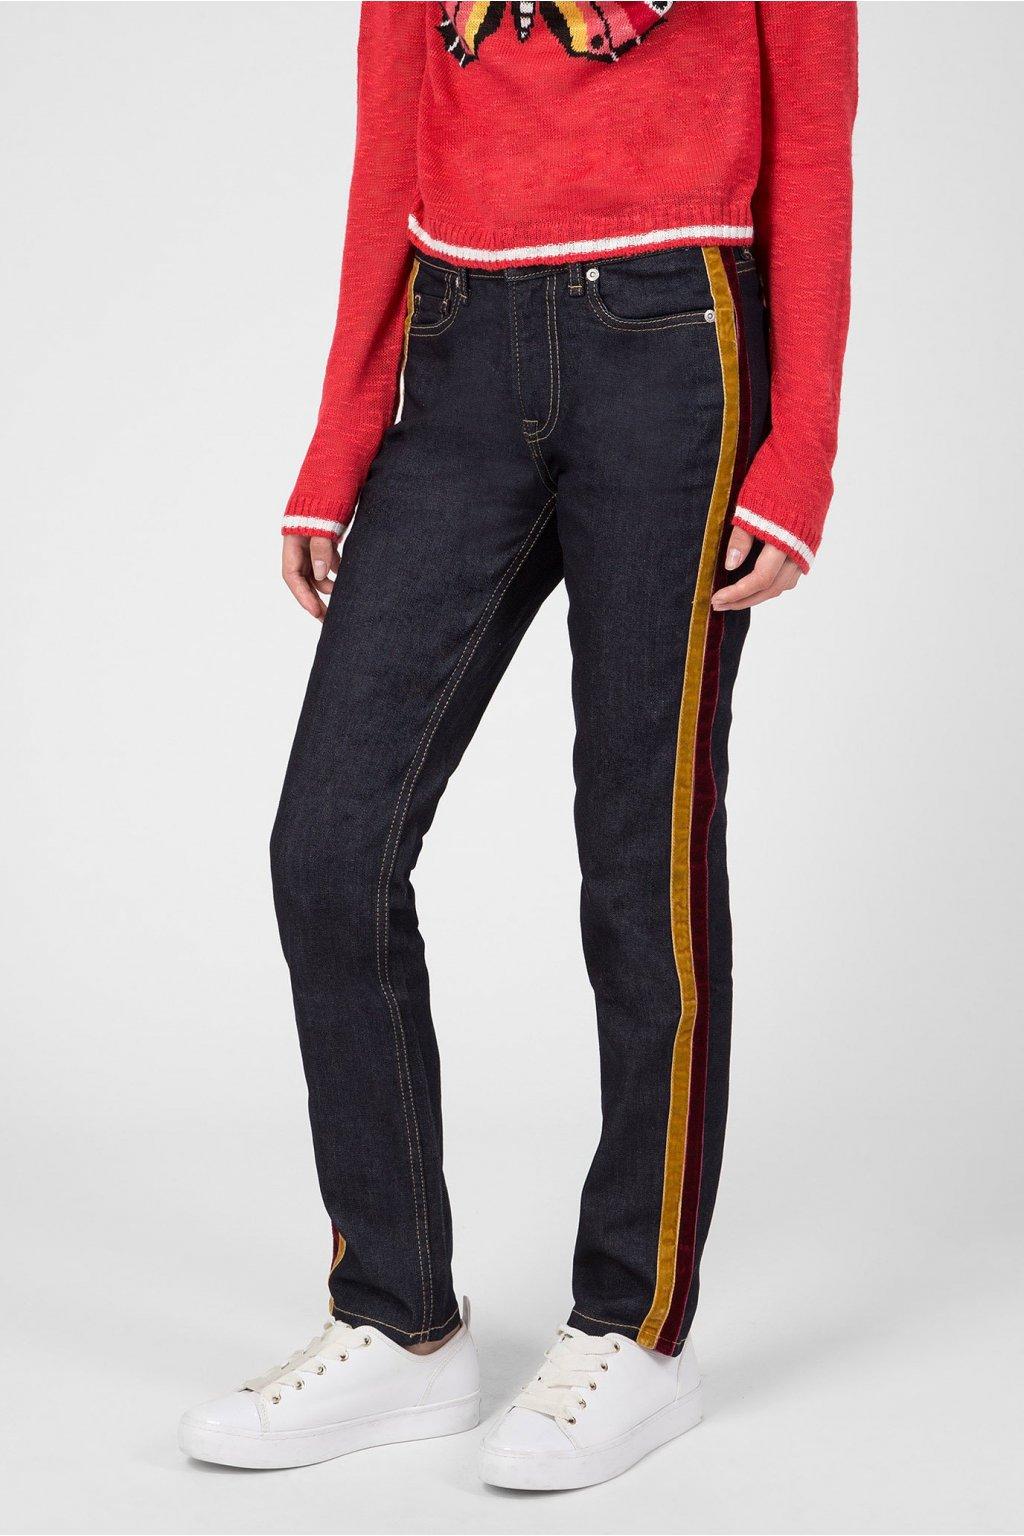 Dámské kalhoty Pepe Jeans PL2031350